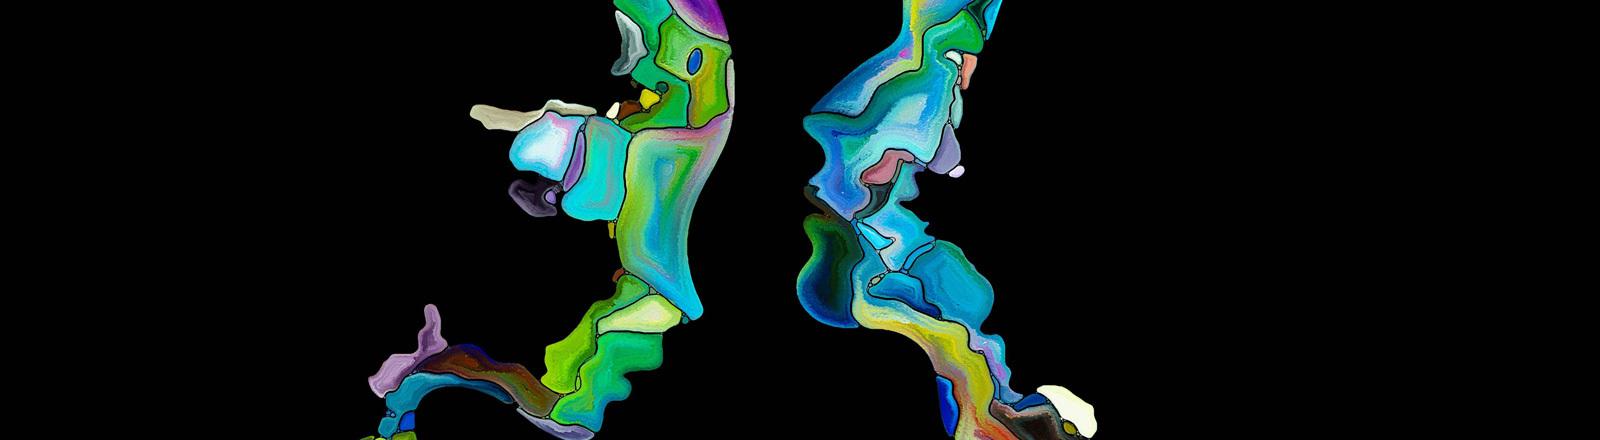 Psychedelisches Bild – schemenhaft in bunten Farben sind zwei gemalte Köpfe zu erkennen.